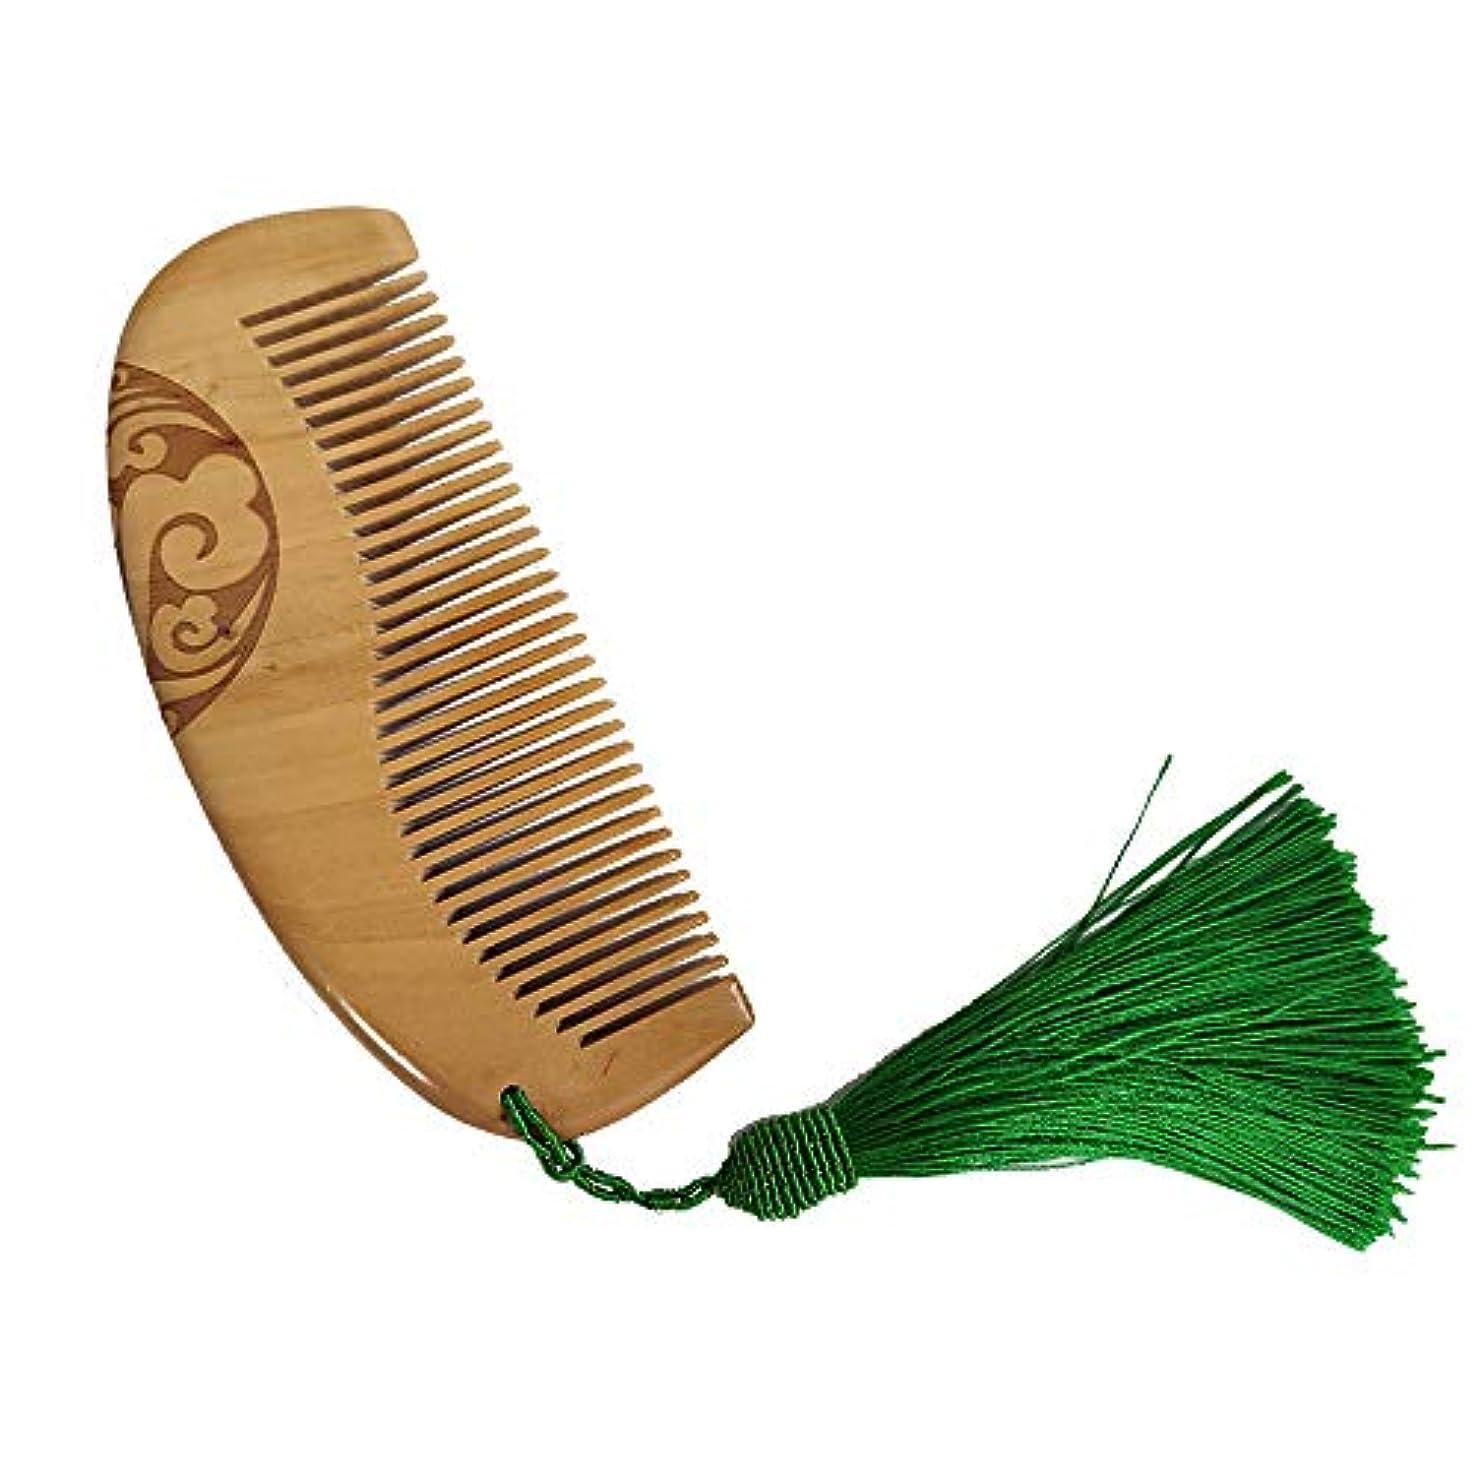 空いている過度に学ぶSHANGQI 高級木製櫛 ヘアコーム 半月とき櫛 頭皮マッサージ 天然ピーチツリー 静電気防止(緑)